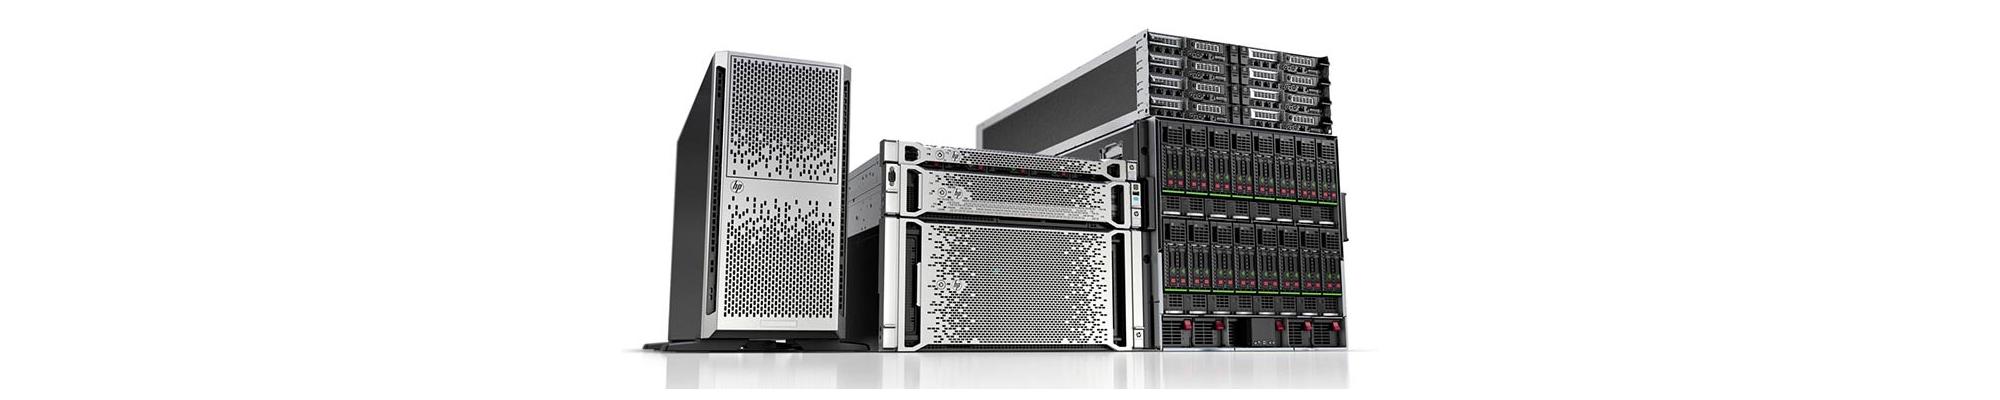 Готовые сервера Dell или HP по выгодной цене